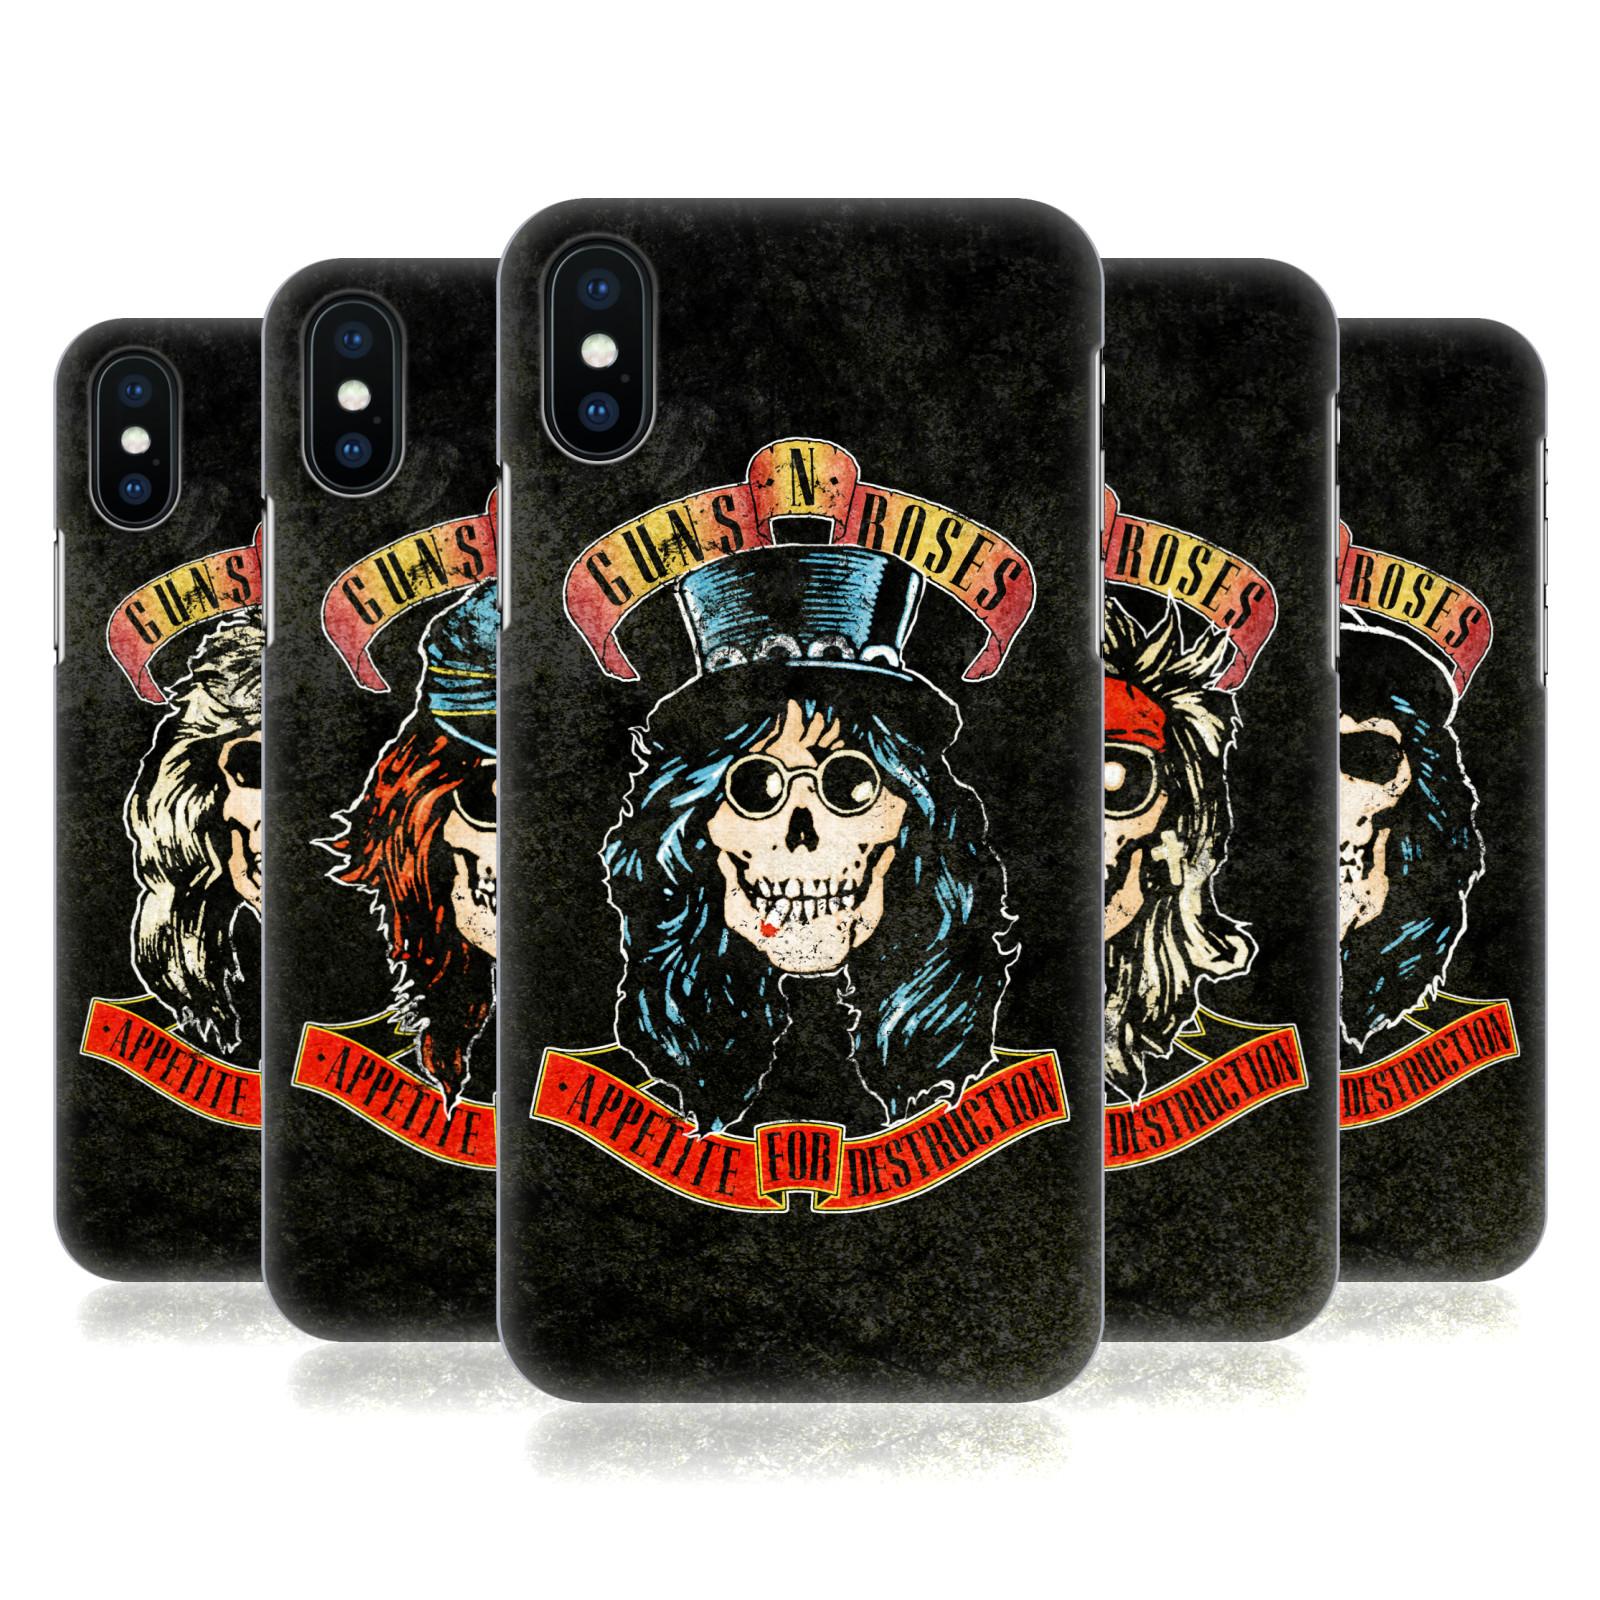 Guns N' Roses Vintage